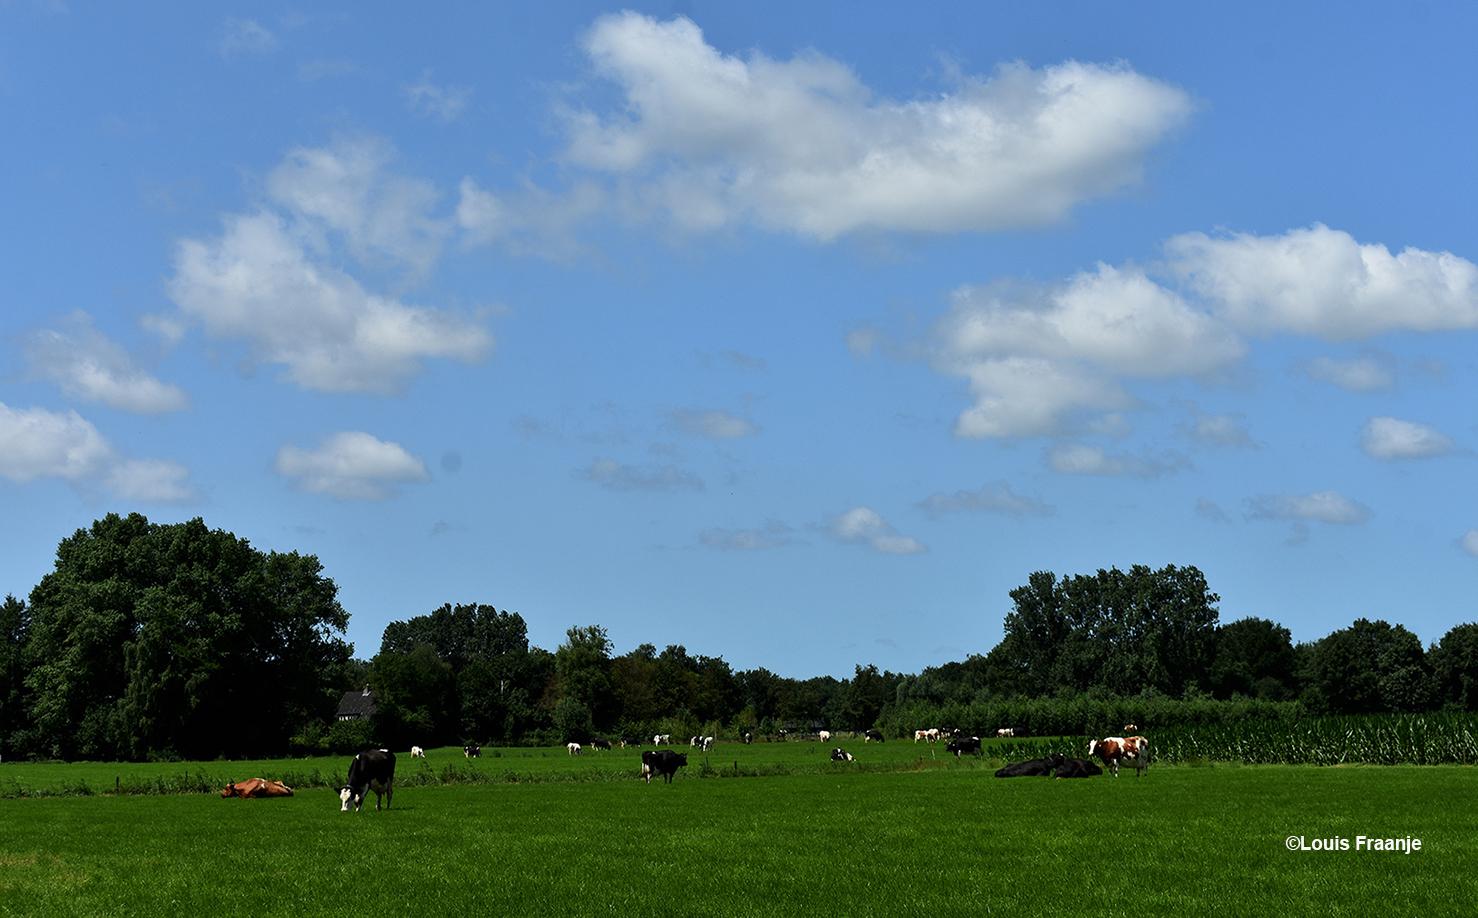 Koeien in het weiland bij Terschuur - Foto: ©Louis Fraanje